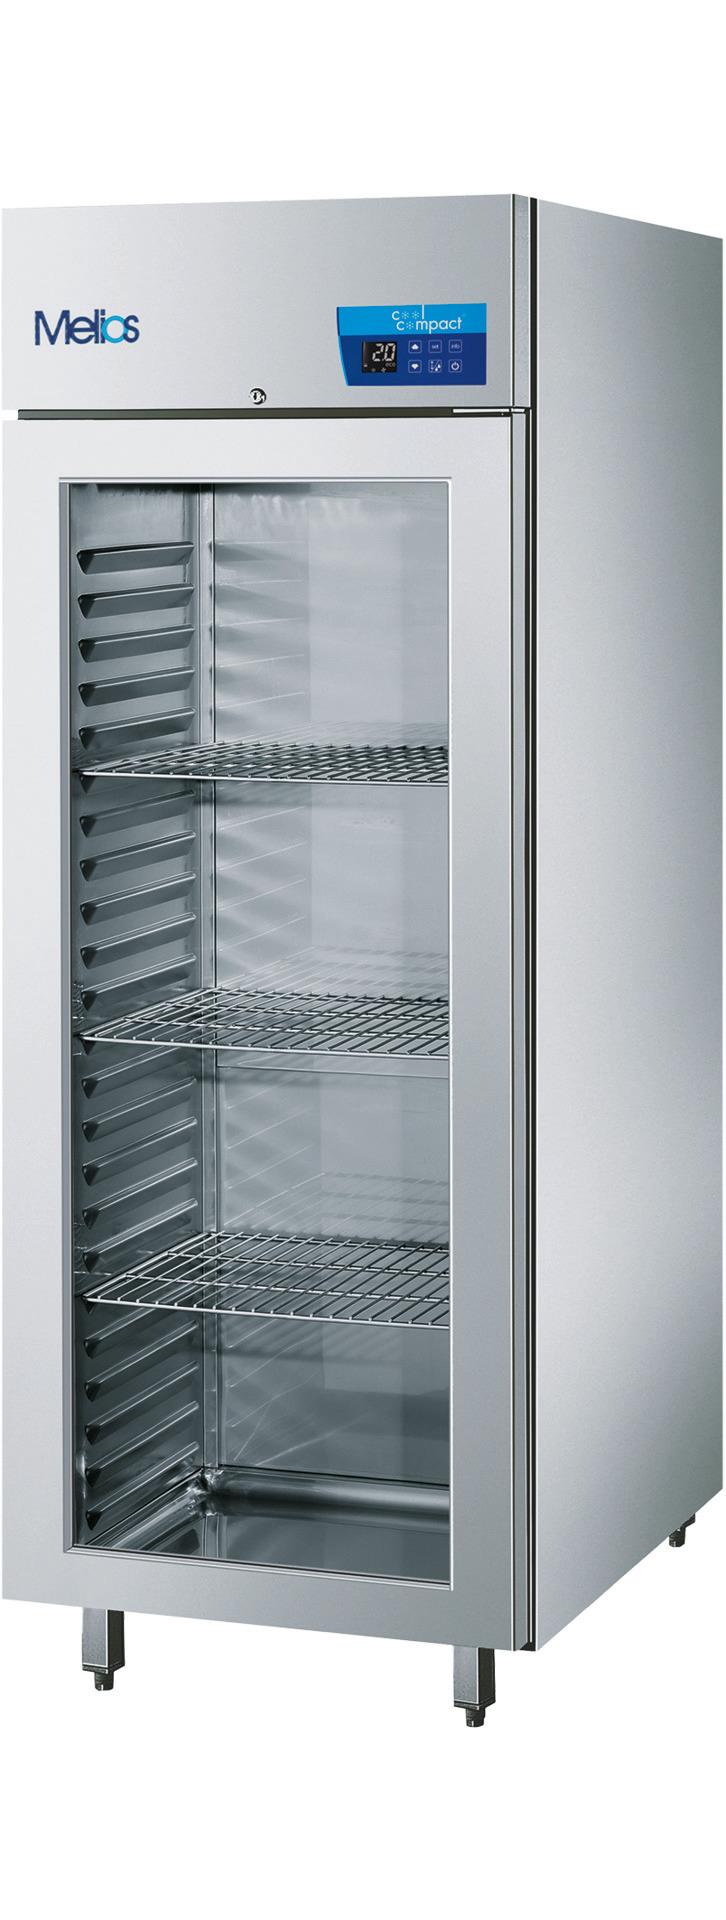 Umluft-Glastürtiefkühlschrank  23 x GN 2/1 / zentralgekühlt